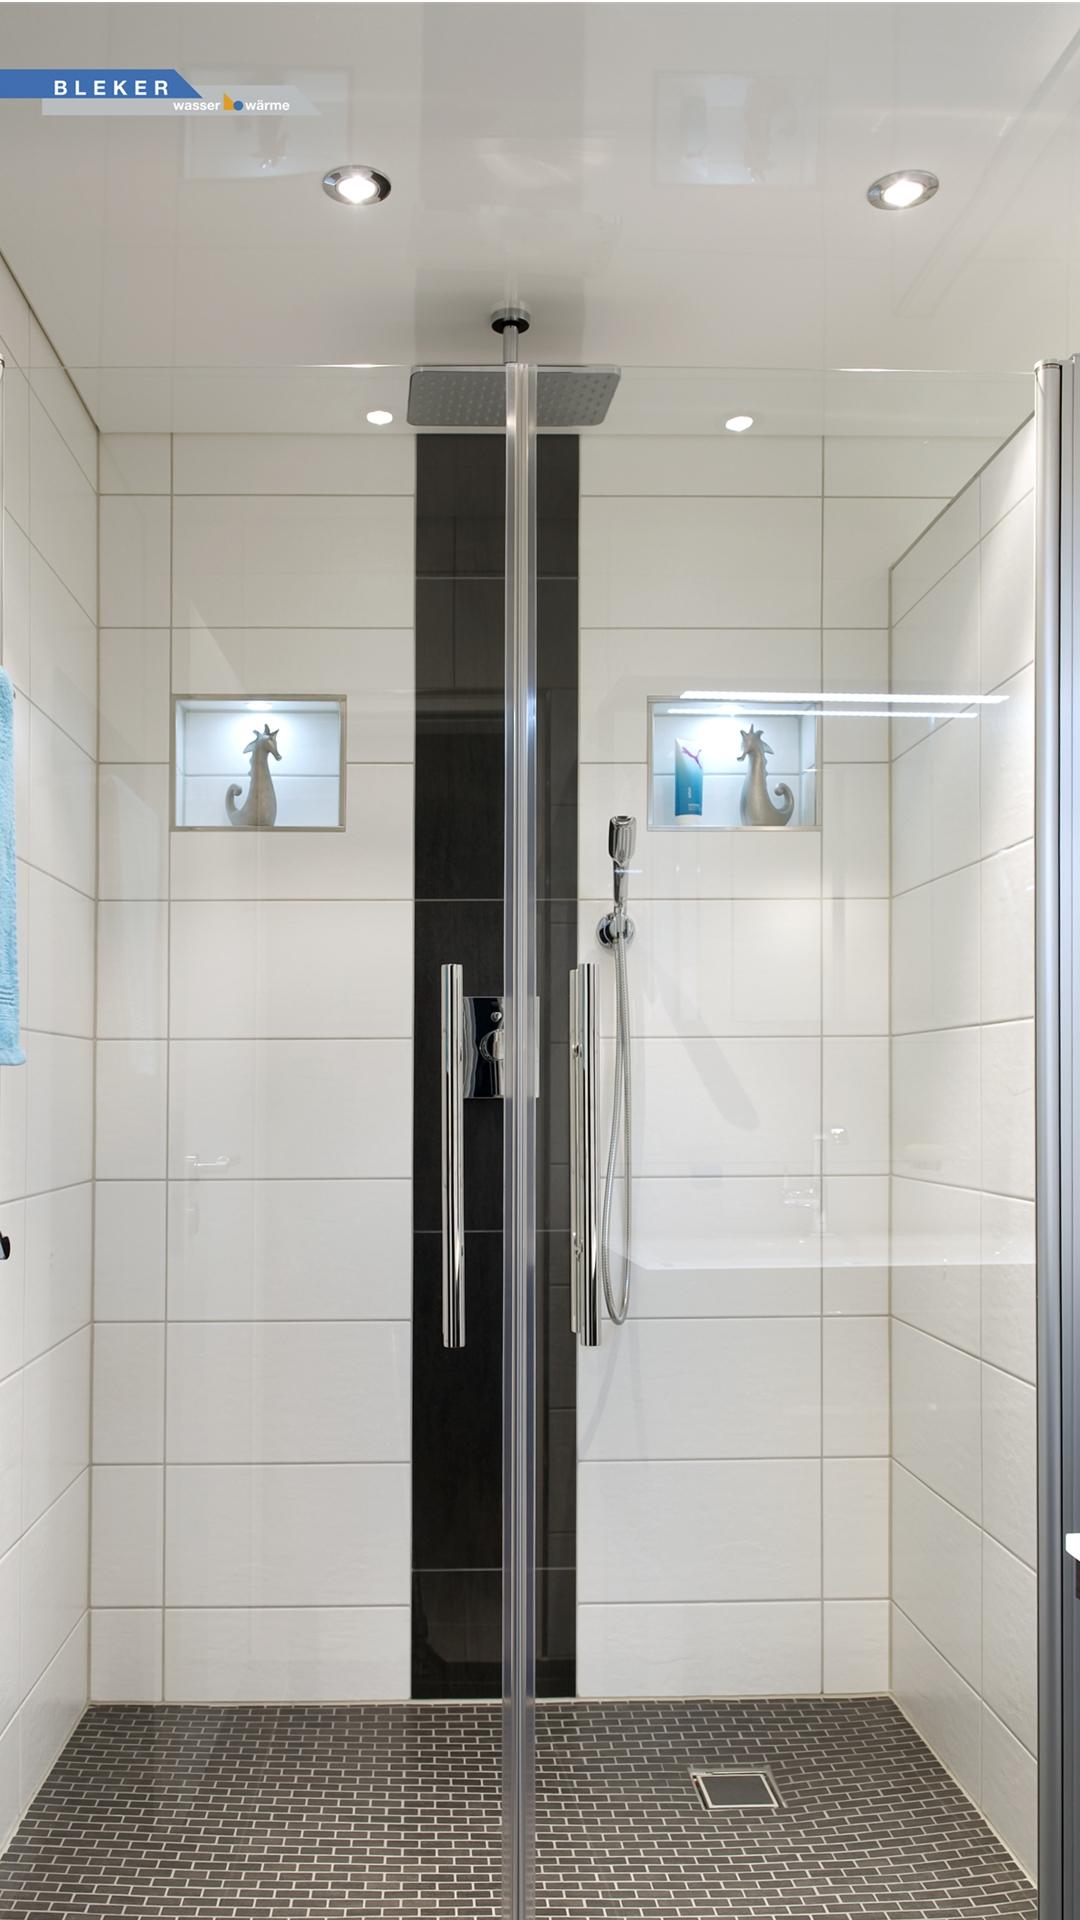 Große helle Dusche mit weißer Lackspanndecke